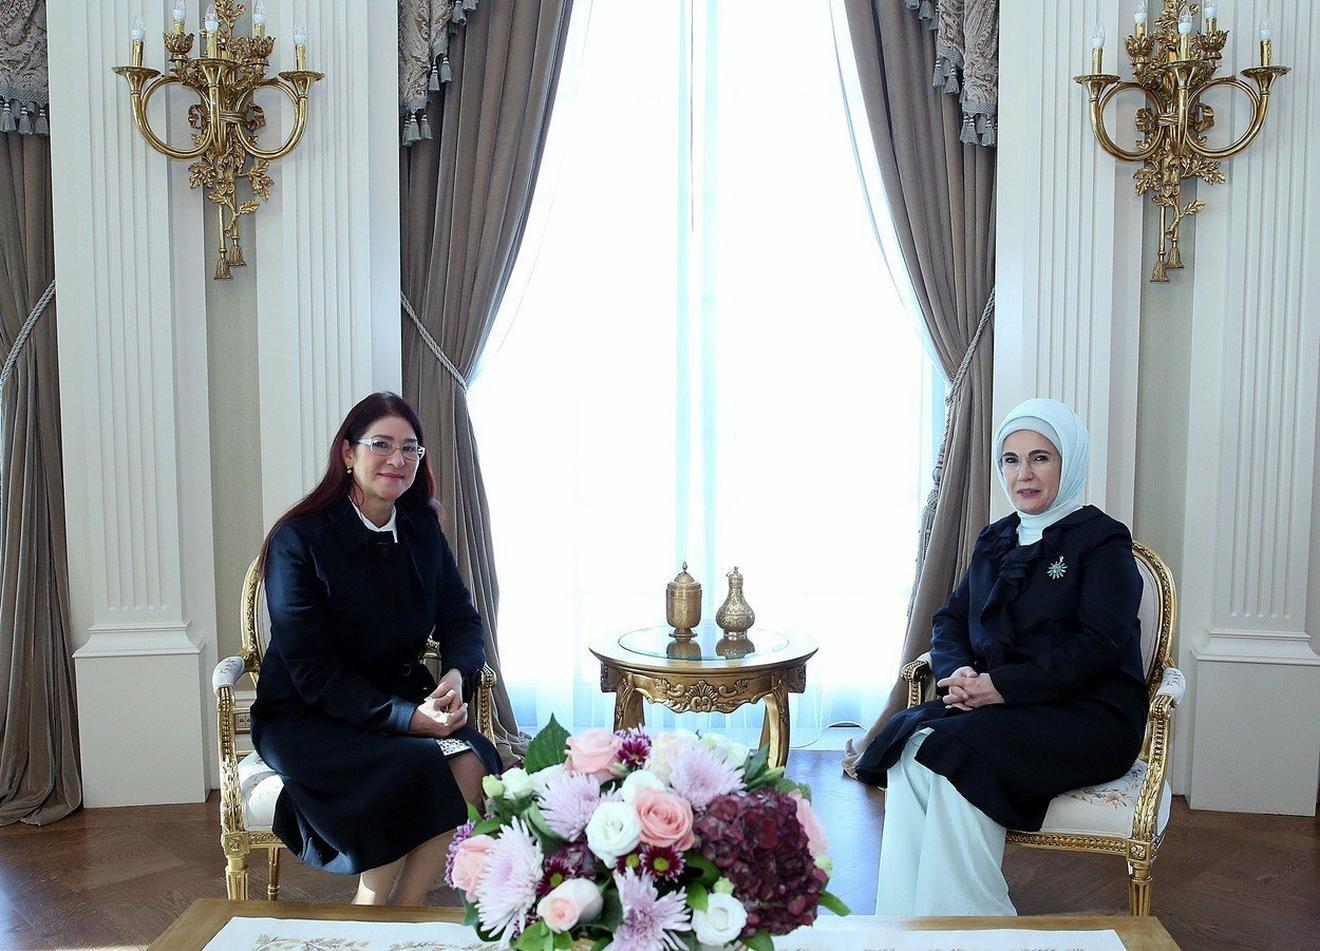 Na sastanku sa Silijom Flores, suprugom predsednika Venecuele Nikolasa Madura oovg meseca u Ankari